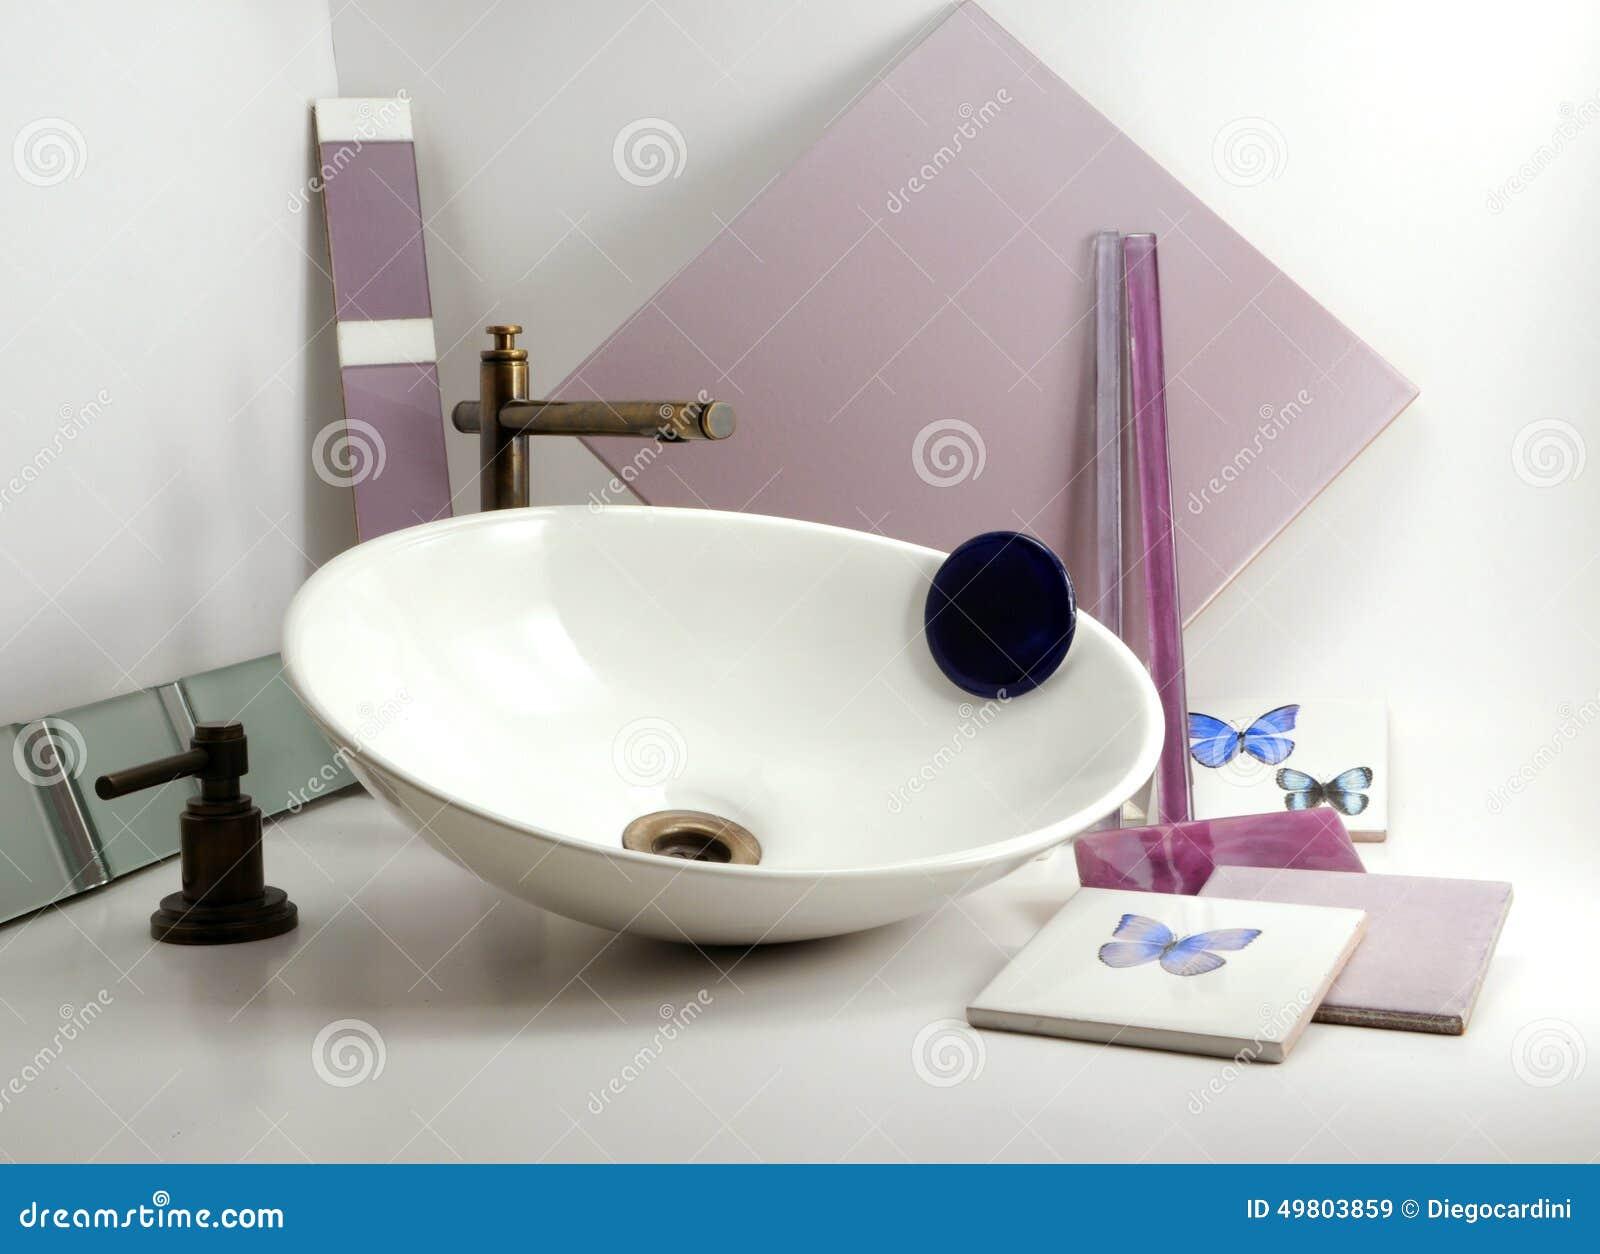 Badezimmer-Becken-Wanne Beautifuls-Hähne Und Zubehör Stockbild ...